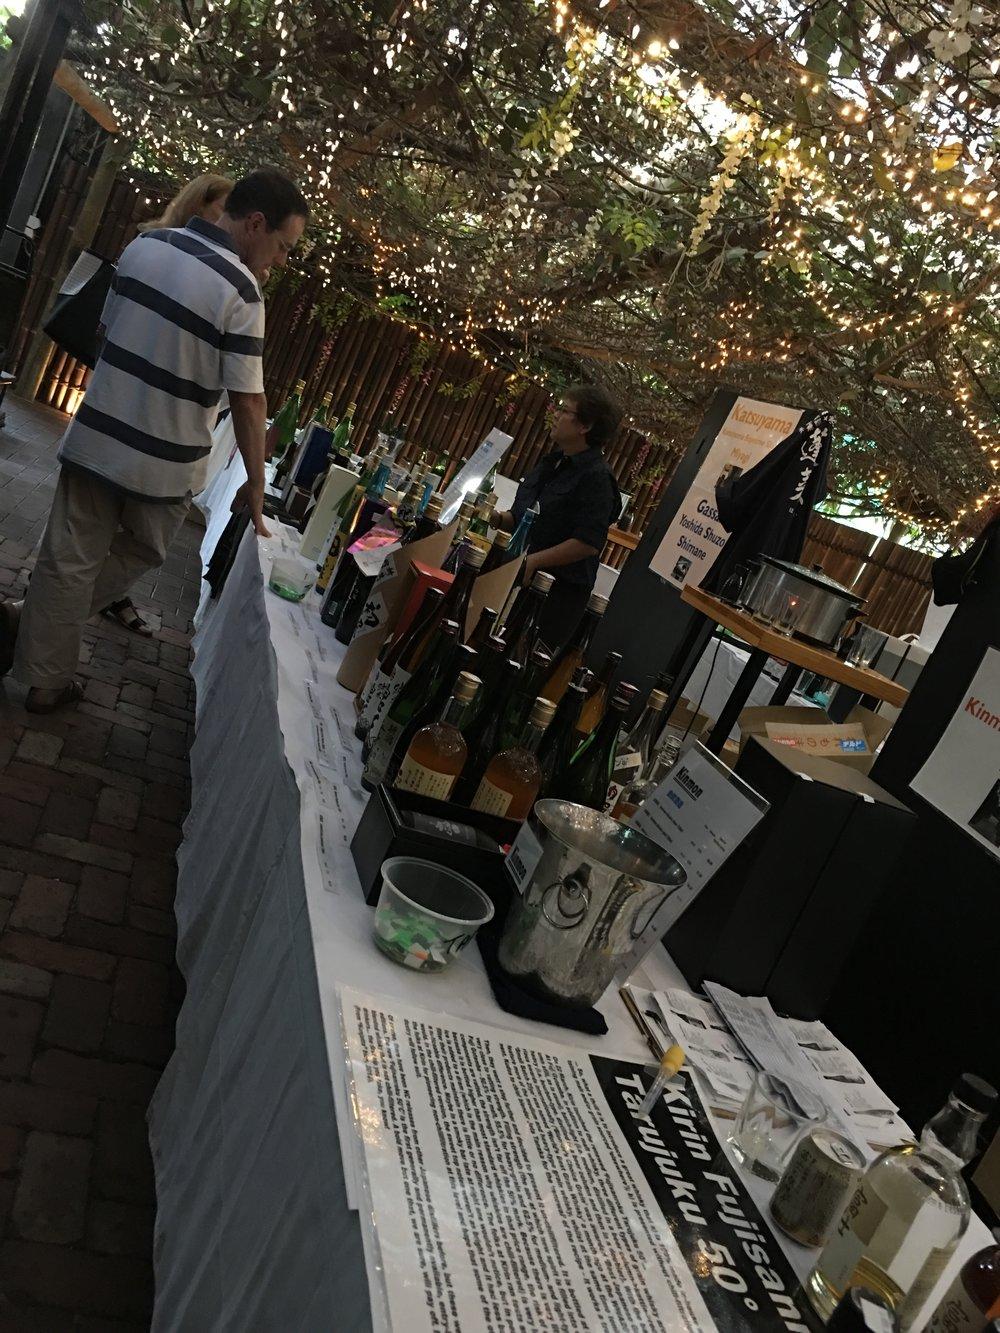 Buy sake in Perth at the festival. Take home.